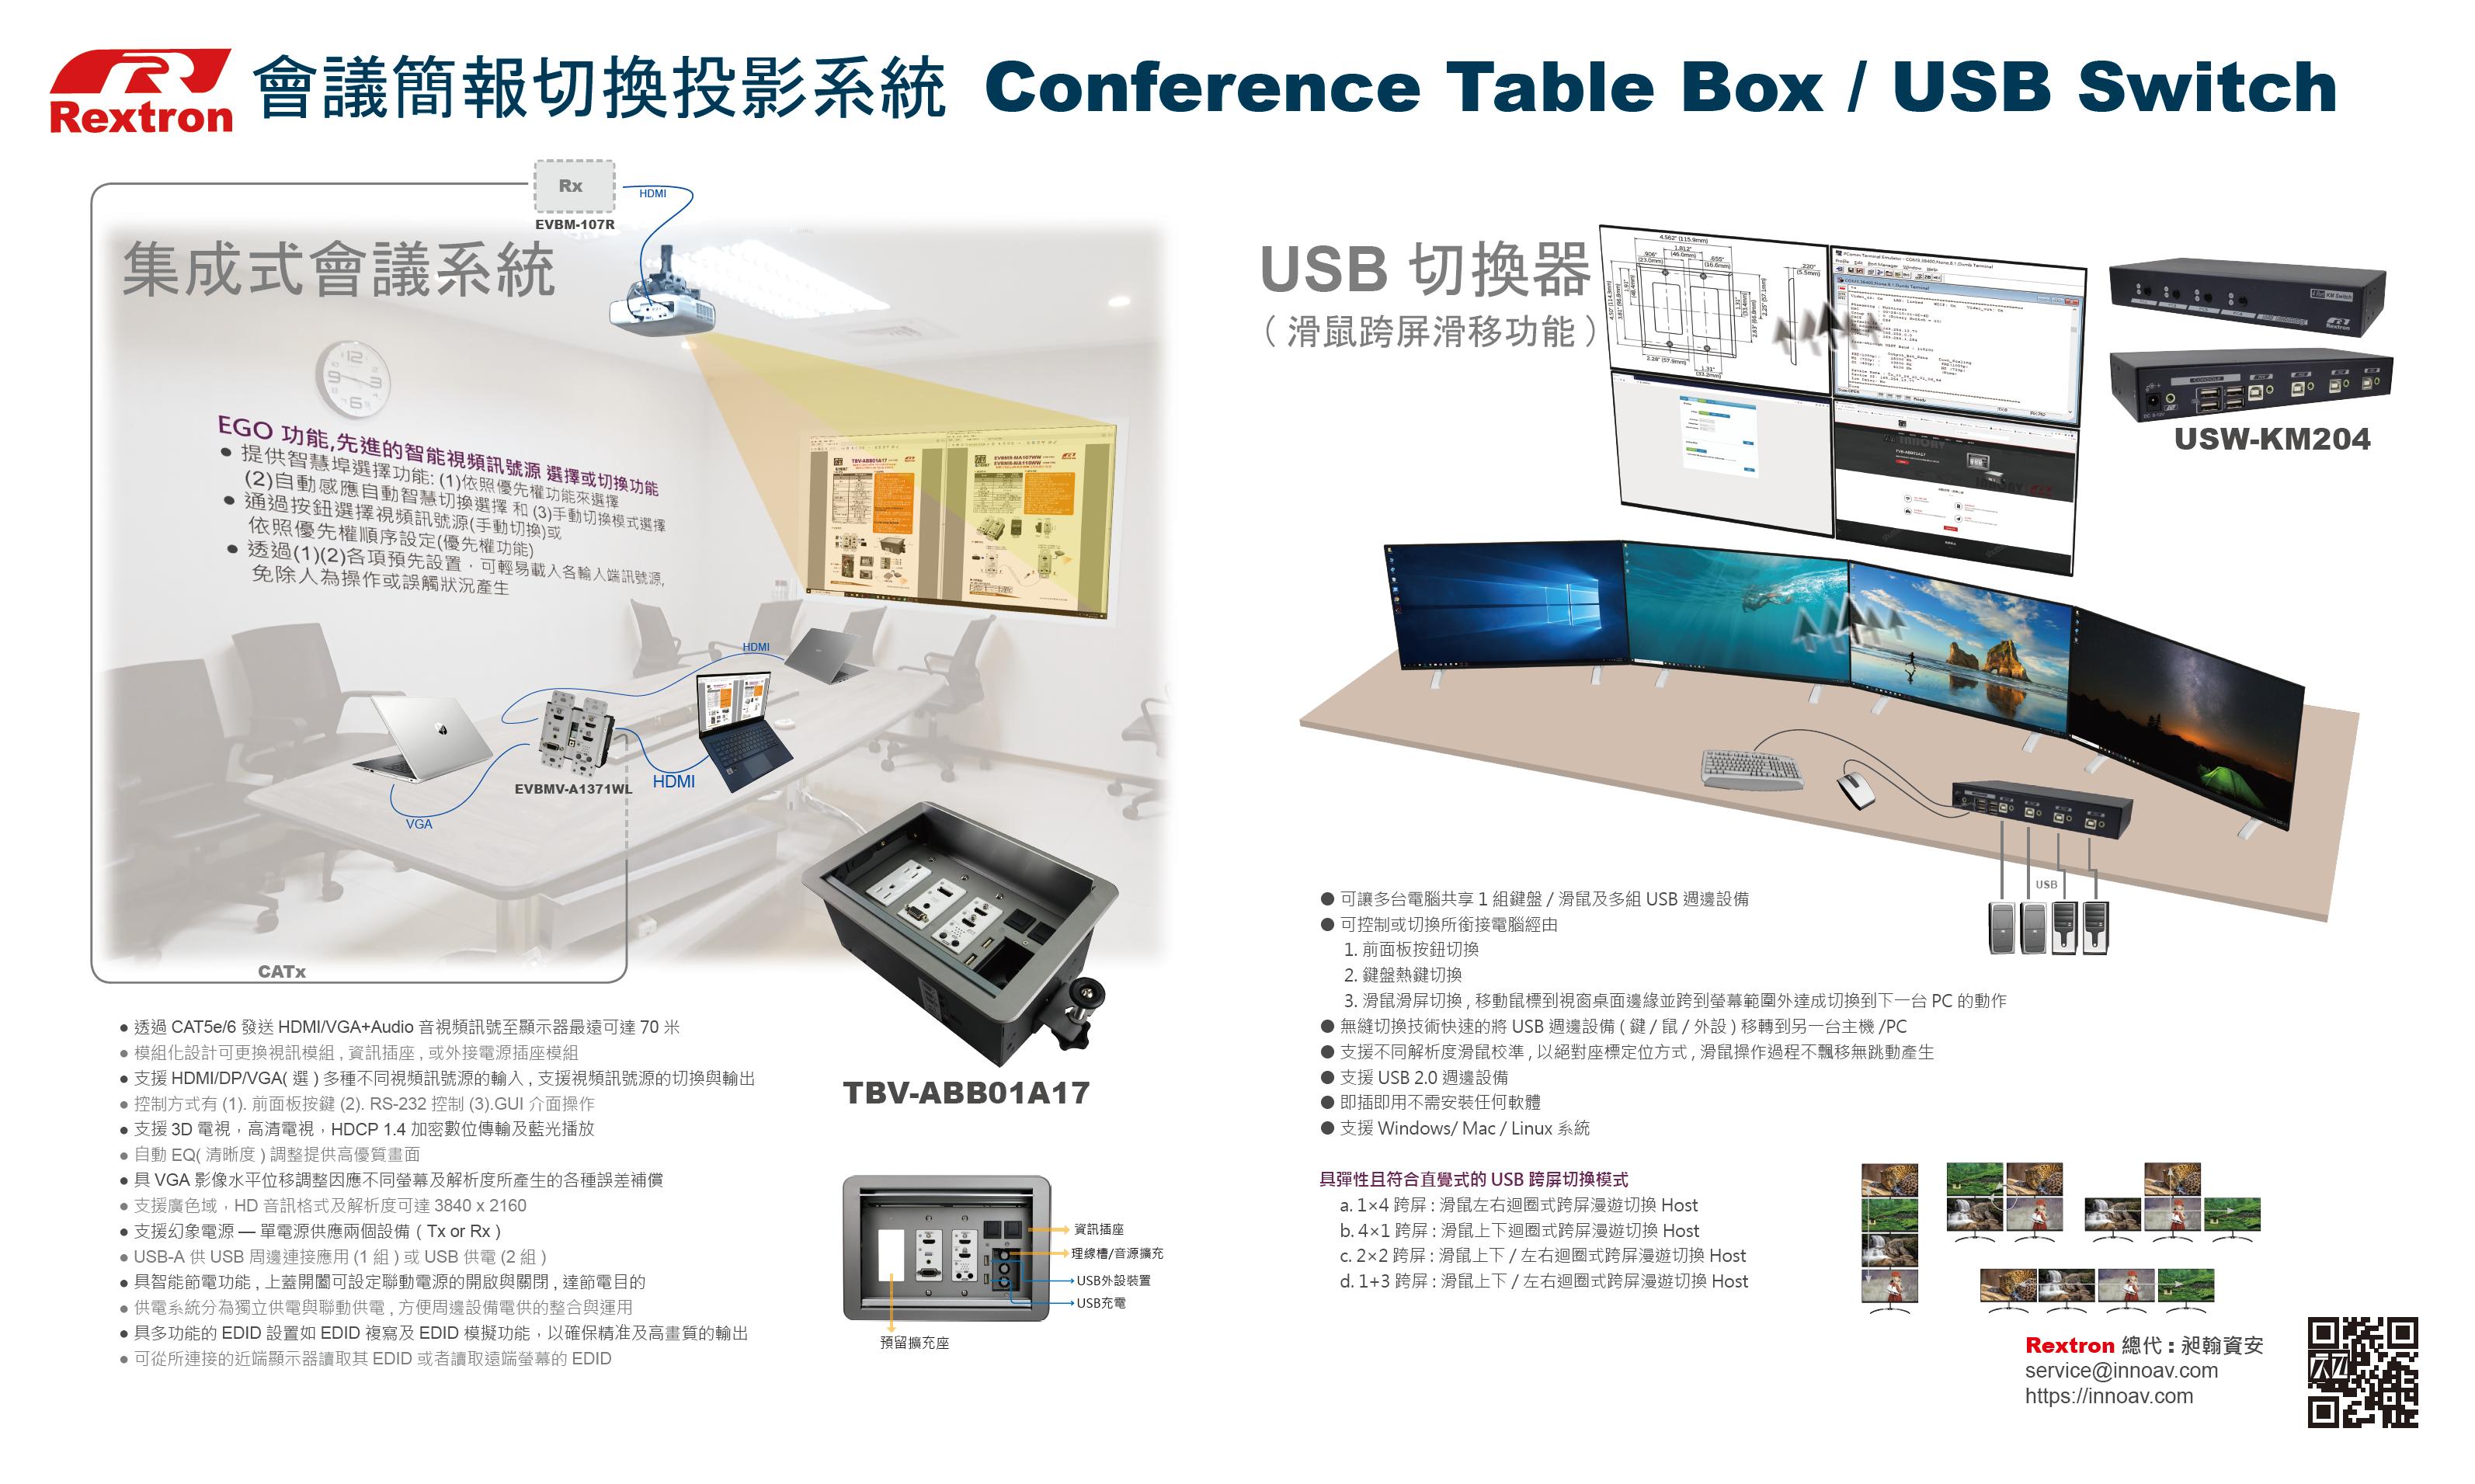 會議簡報切換,USB切換器